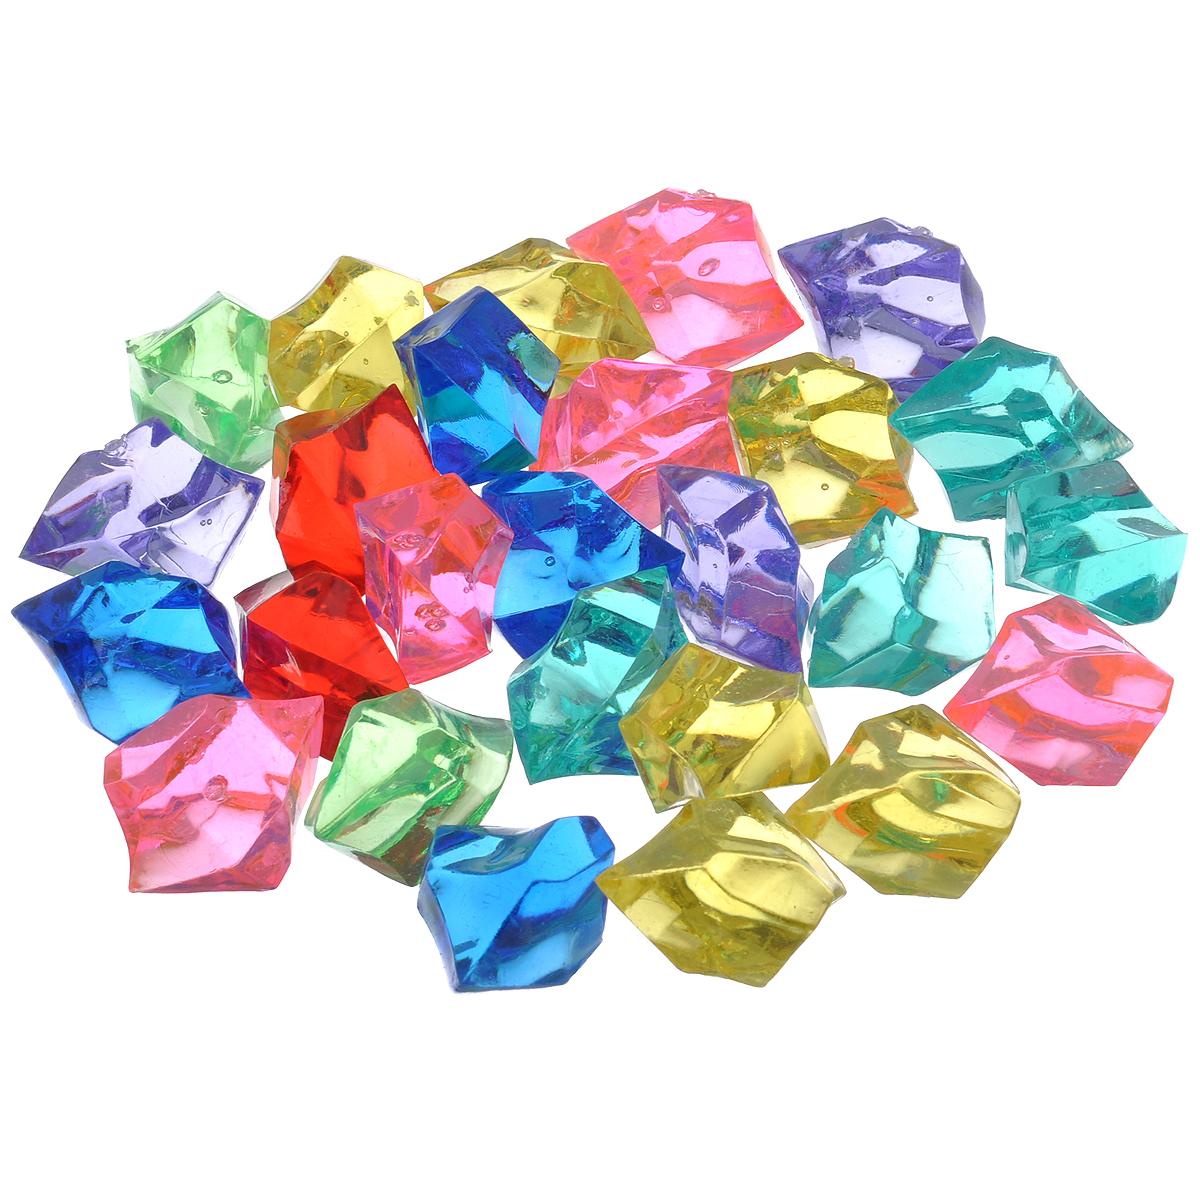 Набор декоративных кристаллов Большие камни. Ассорти, 70 гGA 1002Набор декоративных кристаллов Большие камни. Ассорти, выполненный из пластика, замечательно подойдет для украшения вашего дома. Его можно использовать для создания индивидуального интерьера, а так же как наполнитель декоративных ваз. Декоративные кристаллы создают чувство уюта и улучшают настроение. Вес упаковки: 70 г. Средний размер кристалла: 3,2 см х 2 см х 2,4 см.